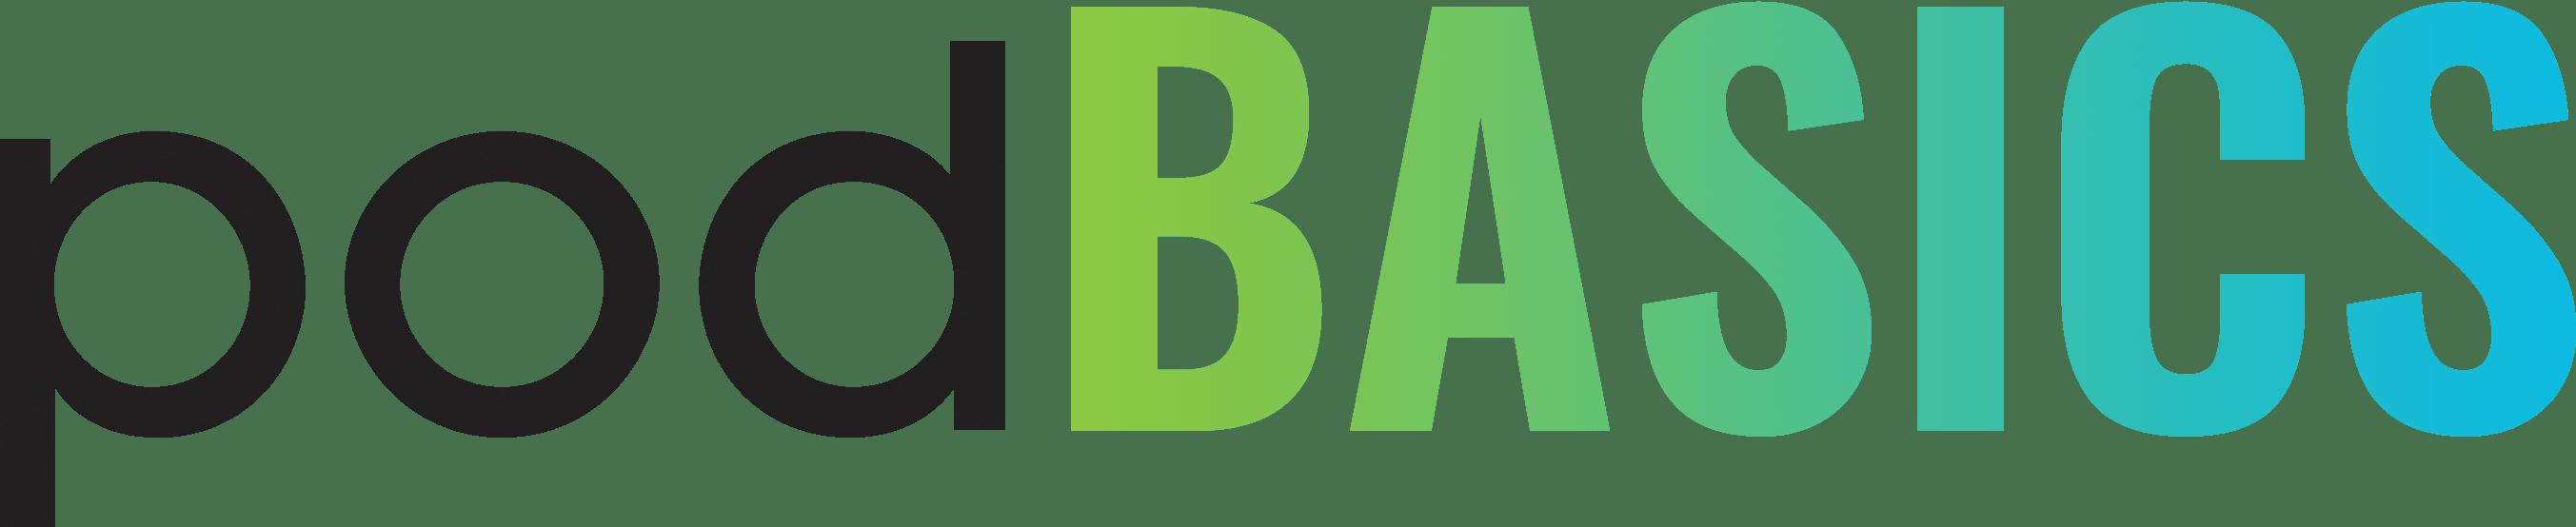 pod-logos-basics